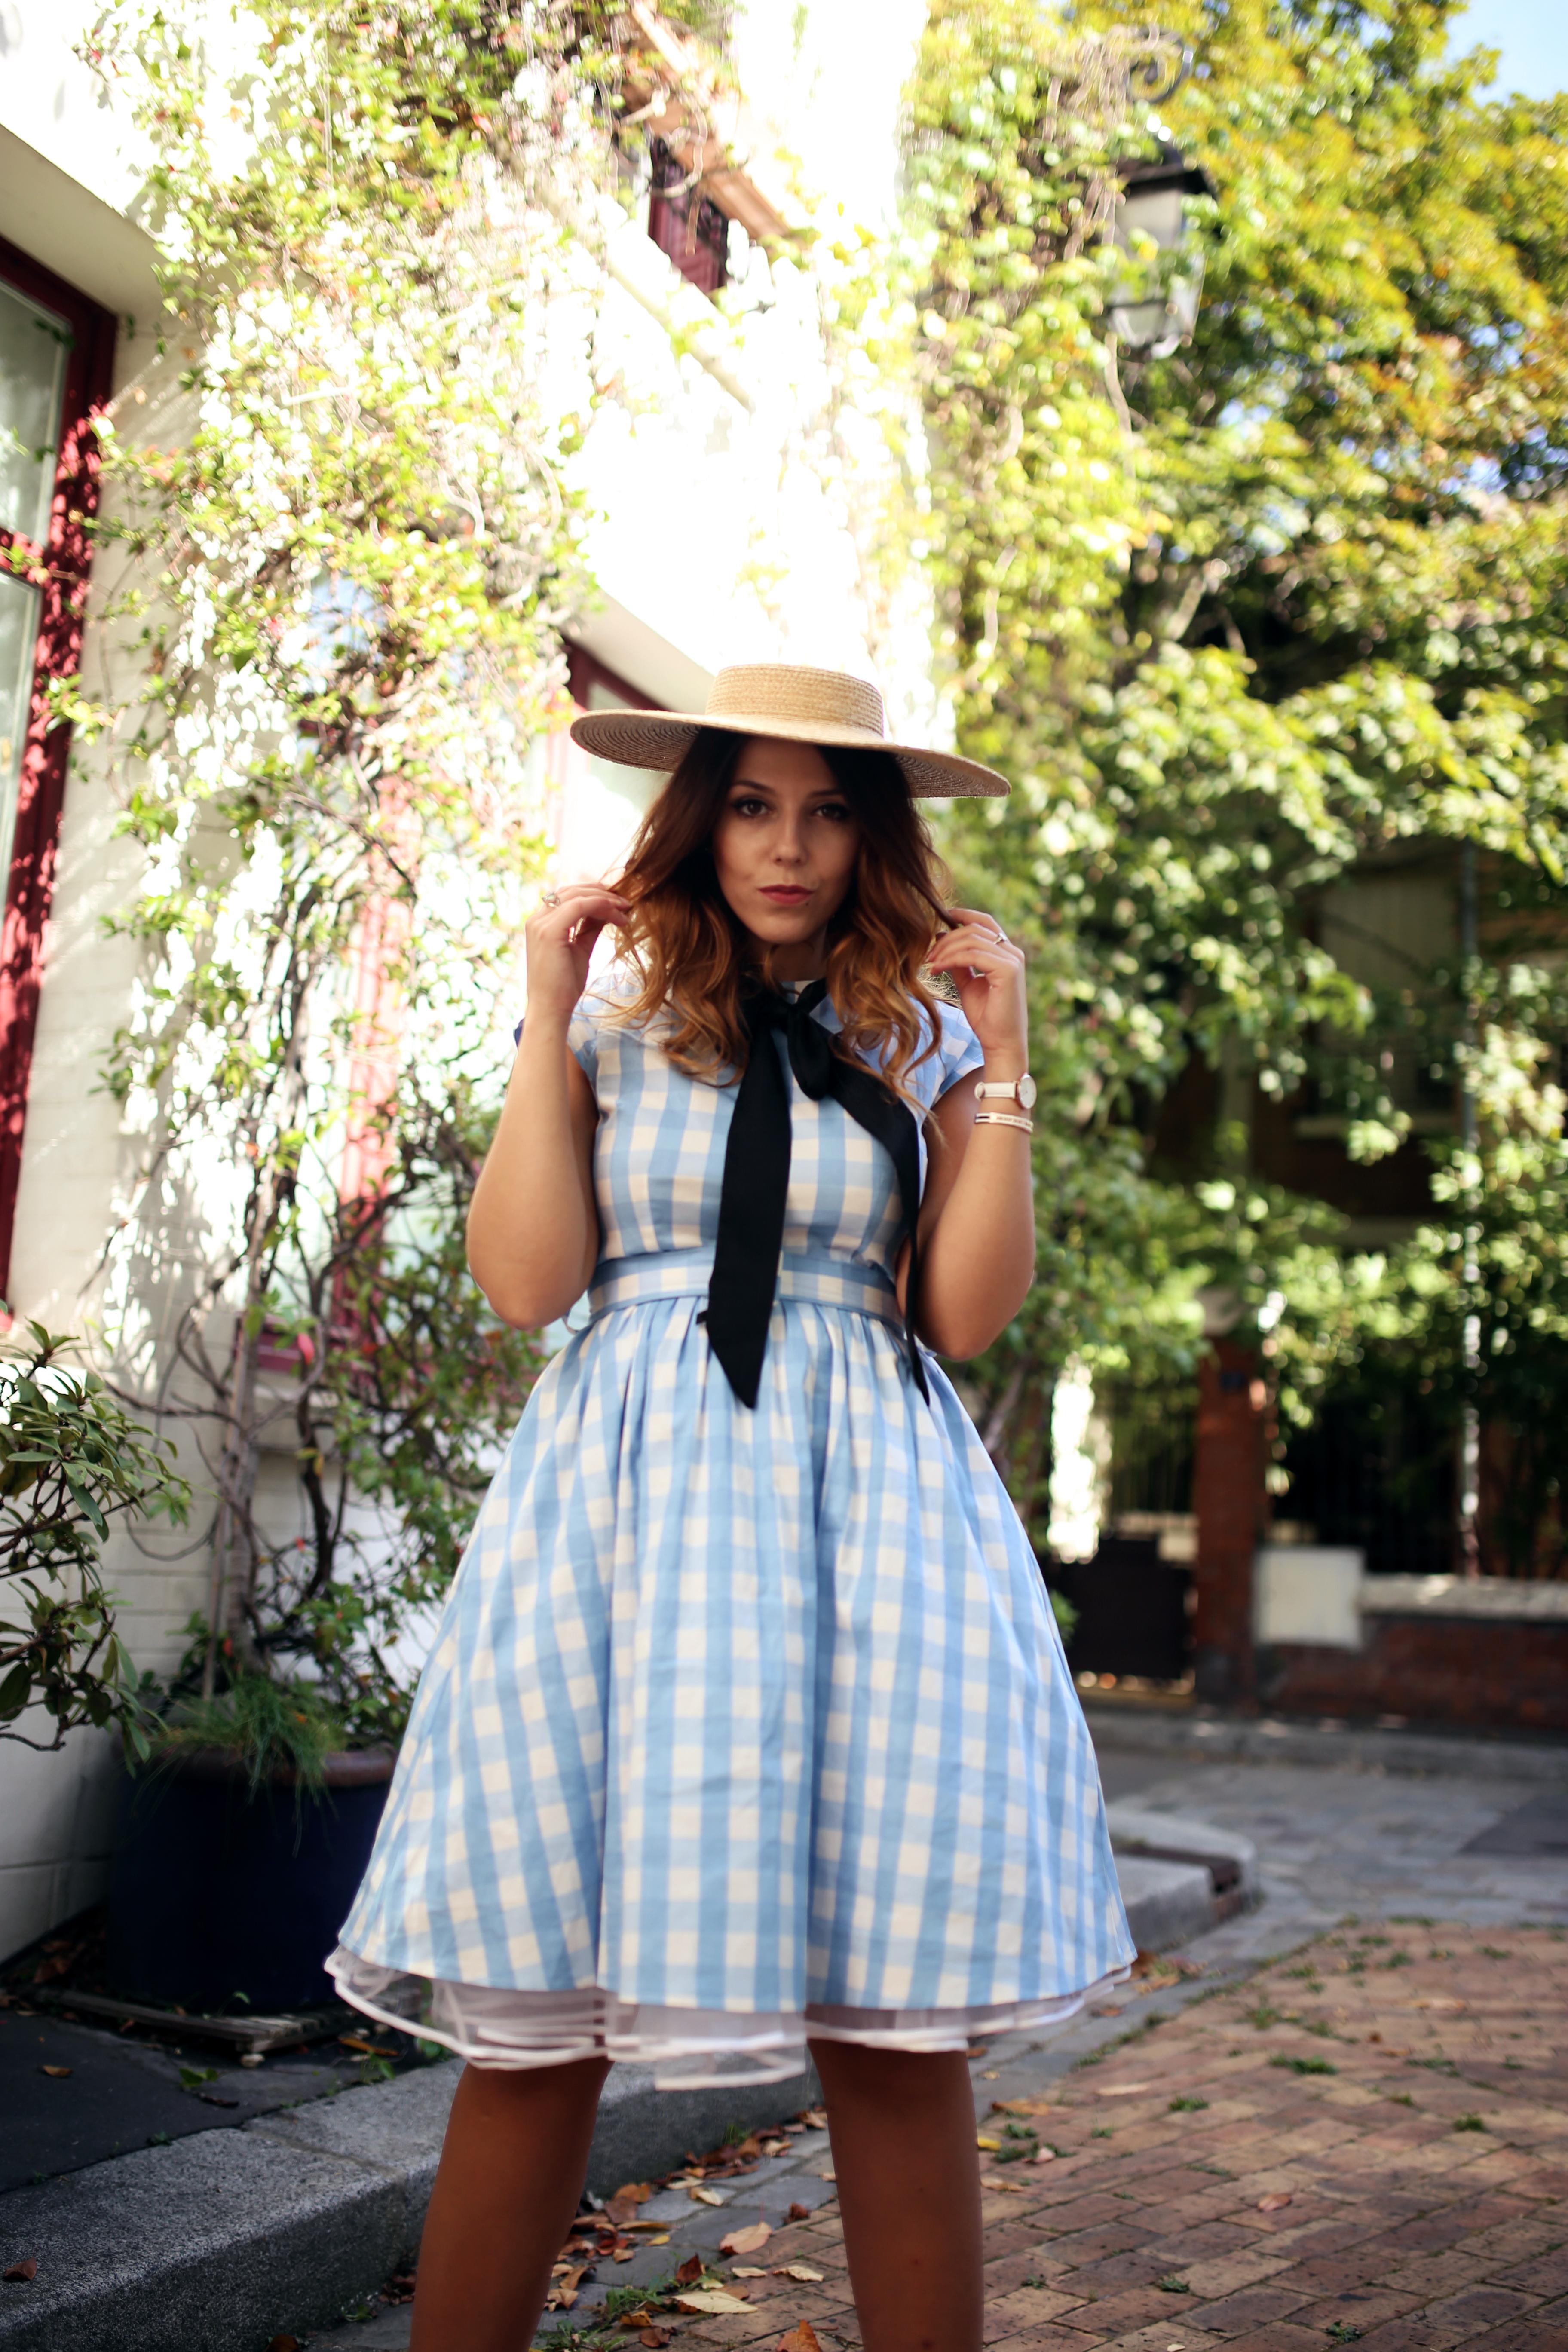 Robe vichy bleue style pin up Bardot et chapeau vintage Paris Cité florale Charlie Sugar Town